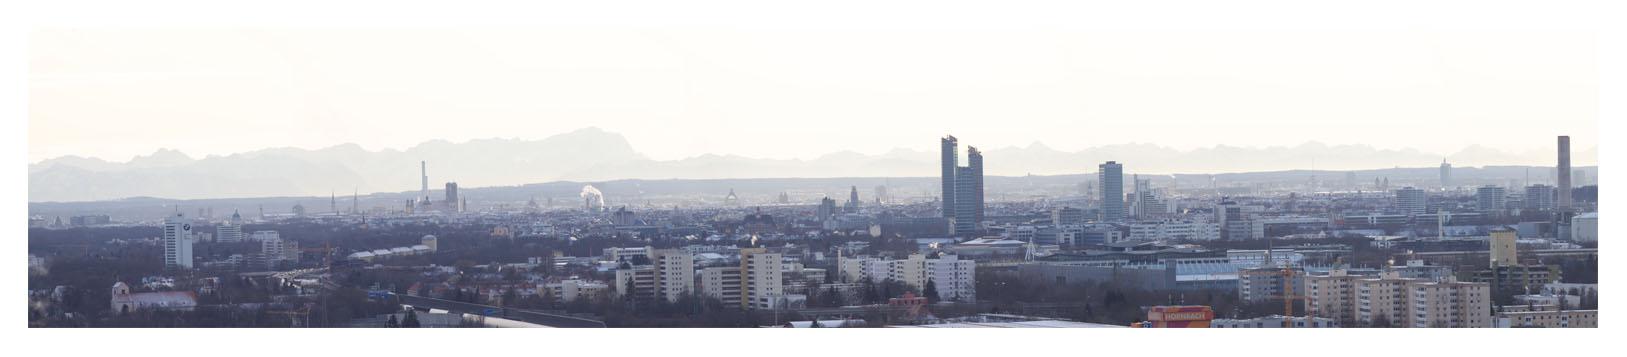 München Panorama 2010 - Teilbild 2